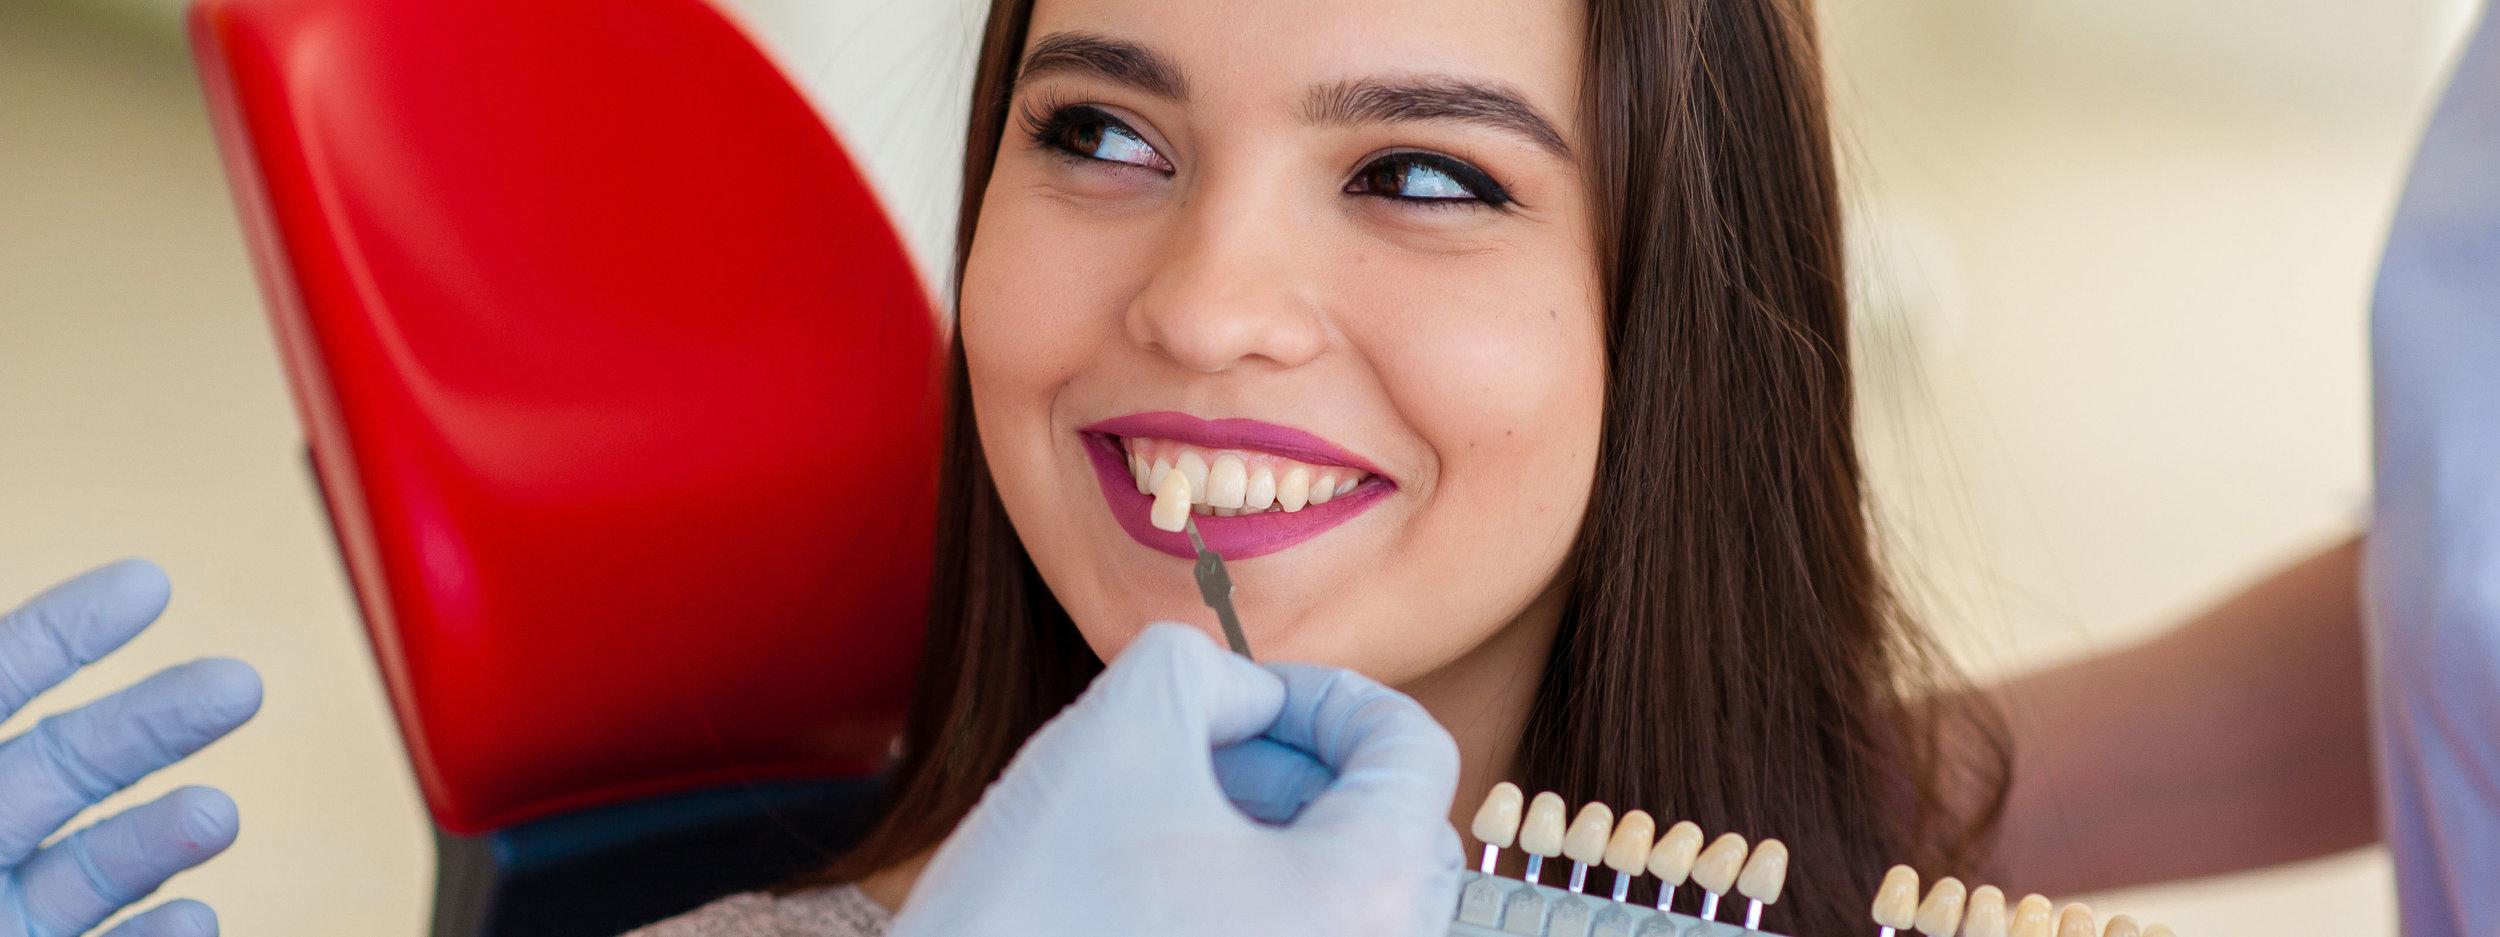 website-dental-implants.jpg